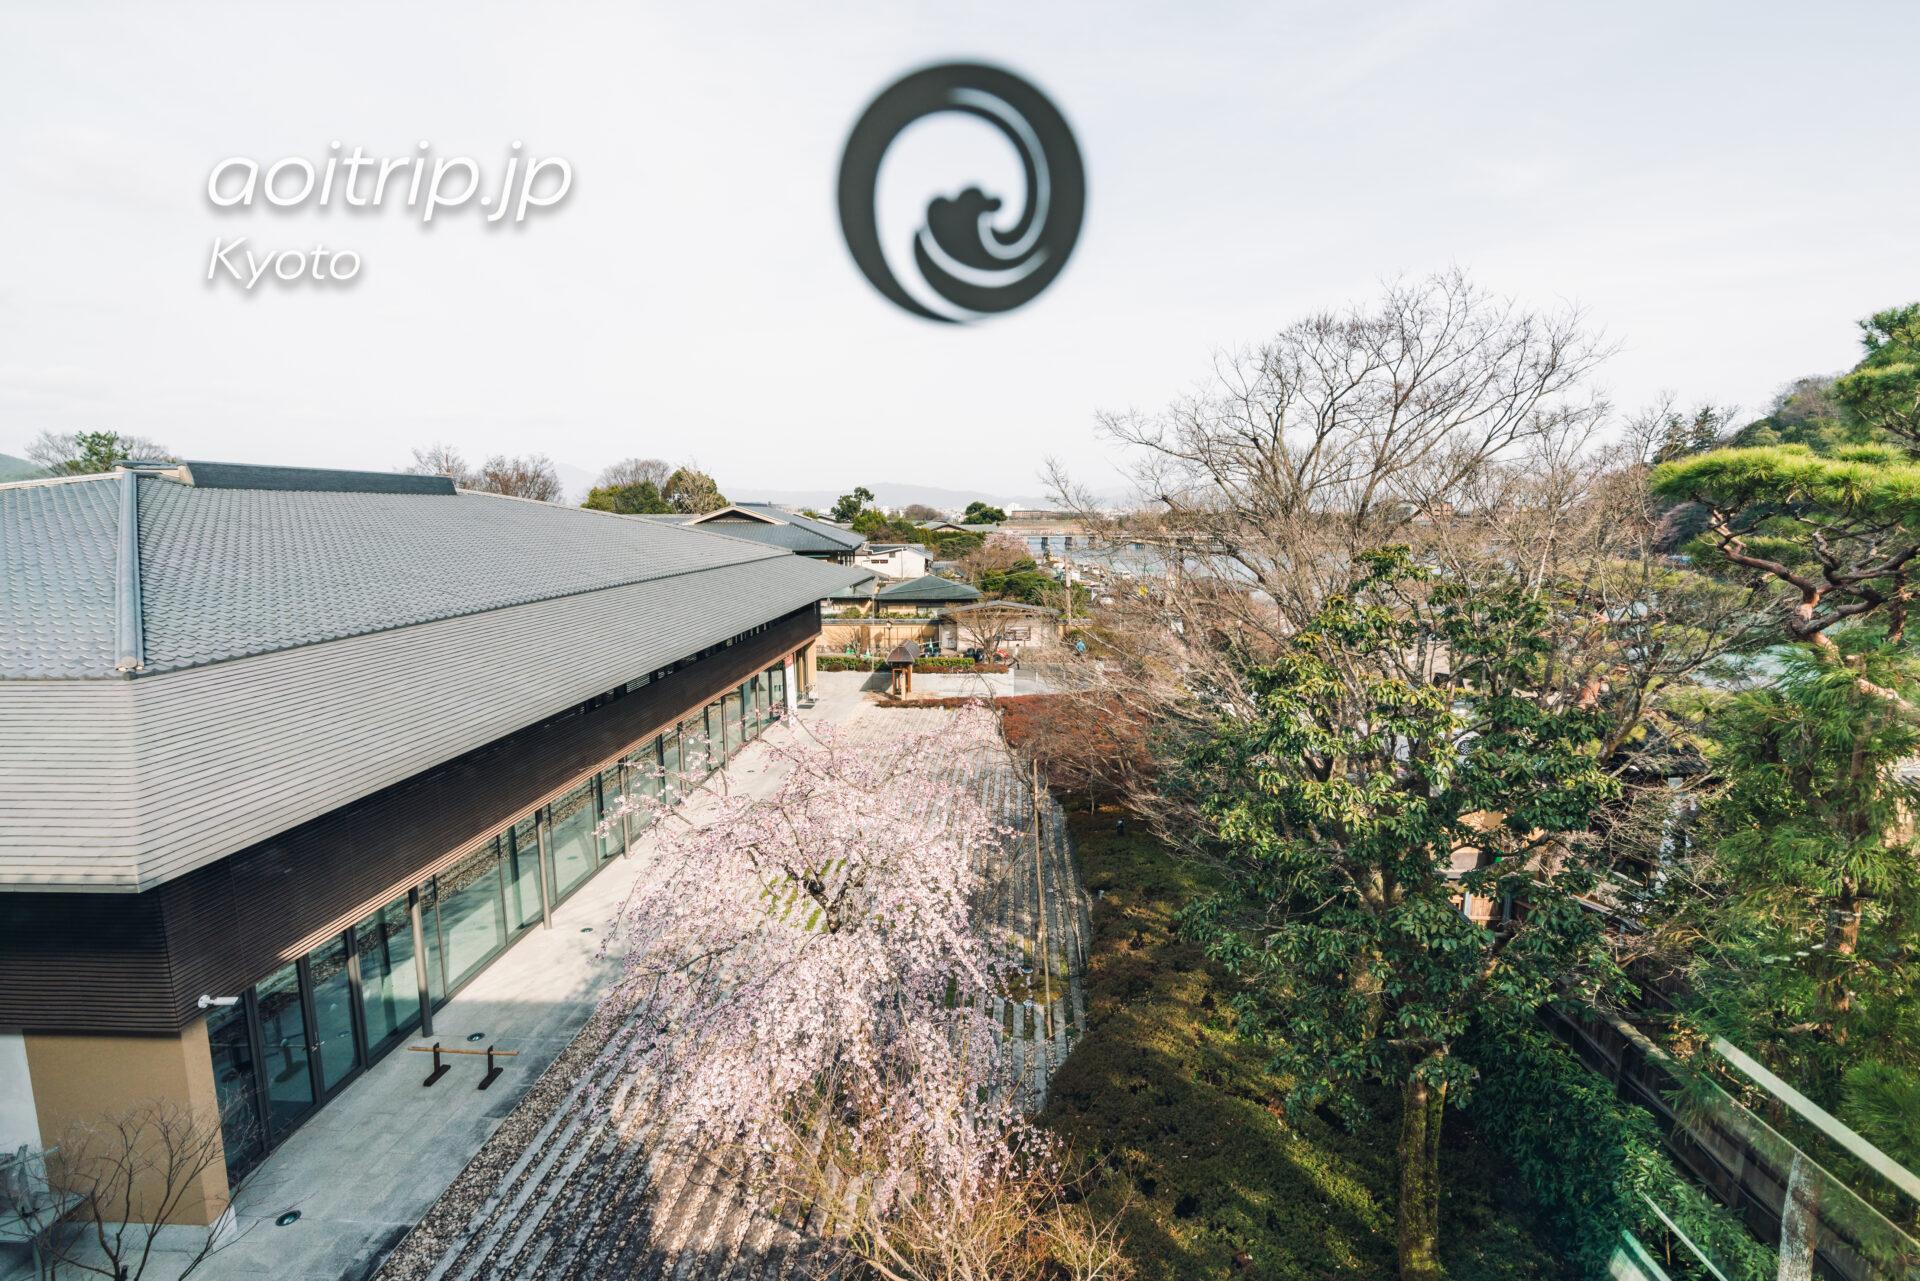 翠嵐(すいらん)プレジデンシャルコーナースイートから渡月橋と嵯峨嵐山文華館の枝垂れ桜を望む